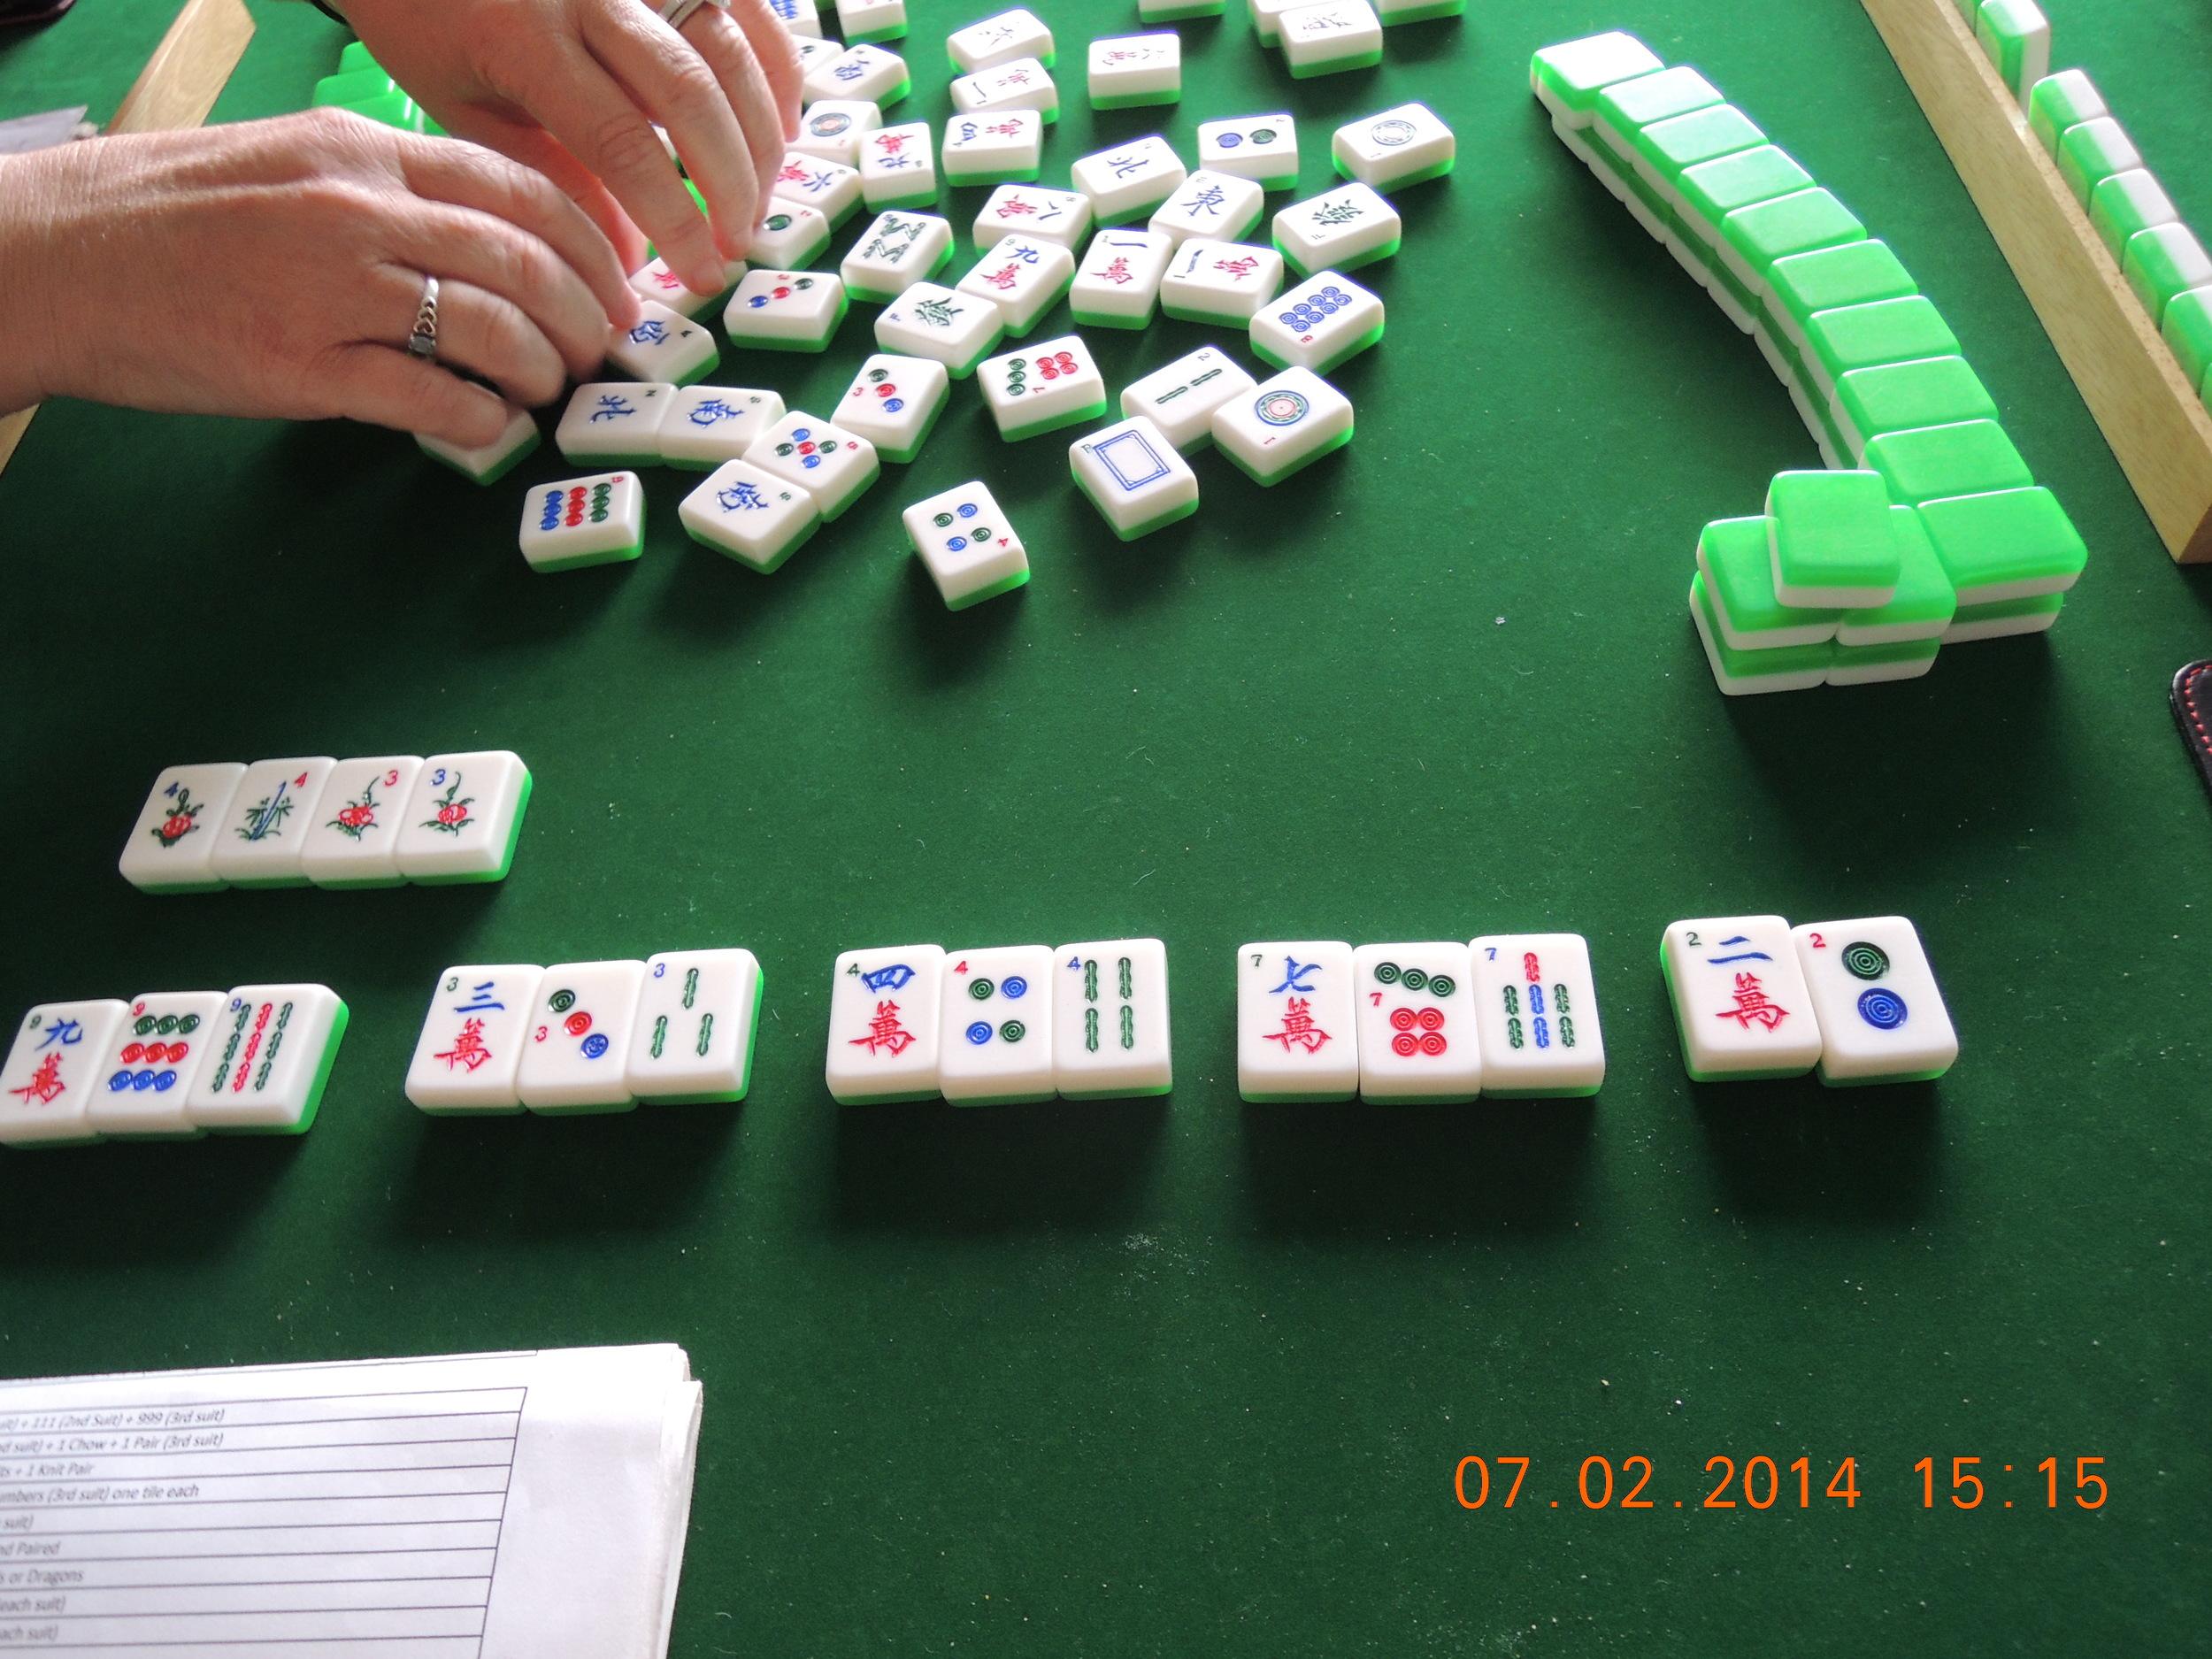 Jane's winning hand, Triple Knitting